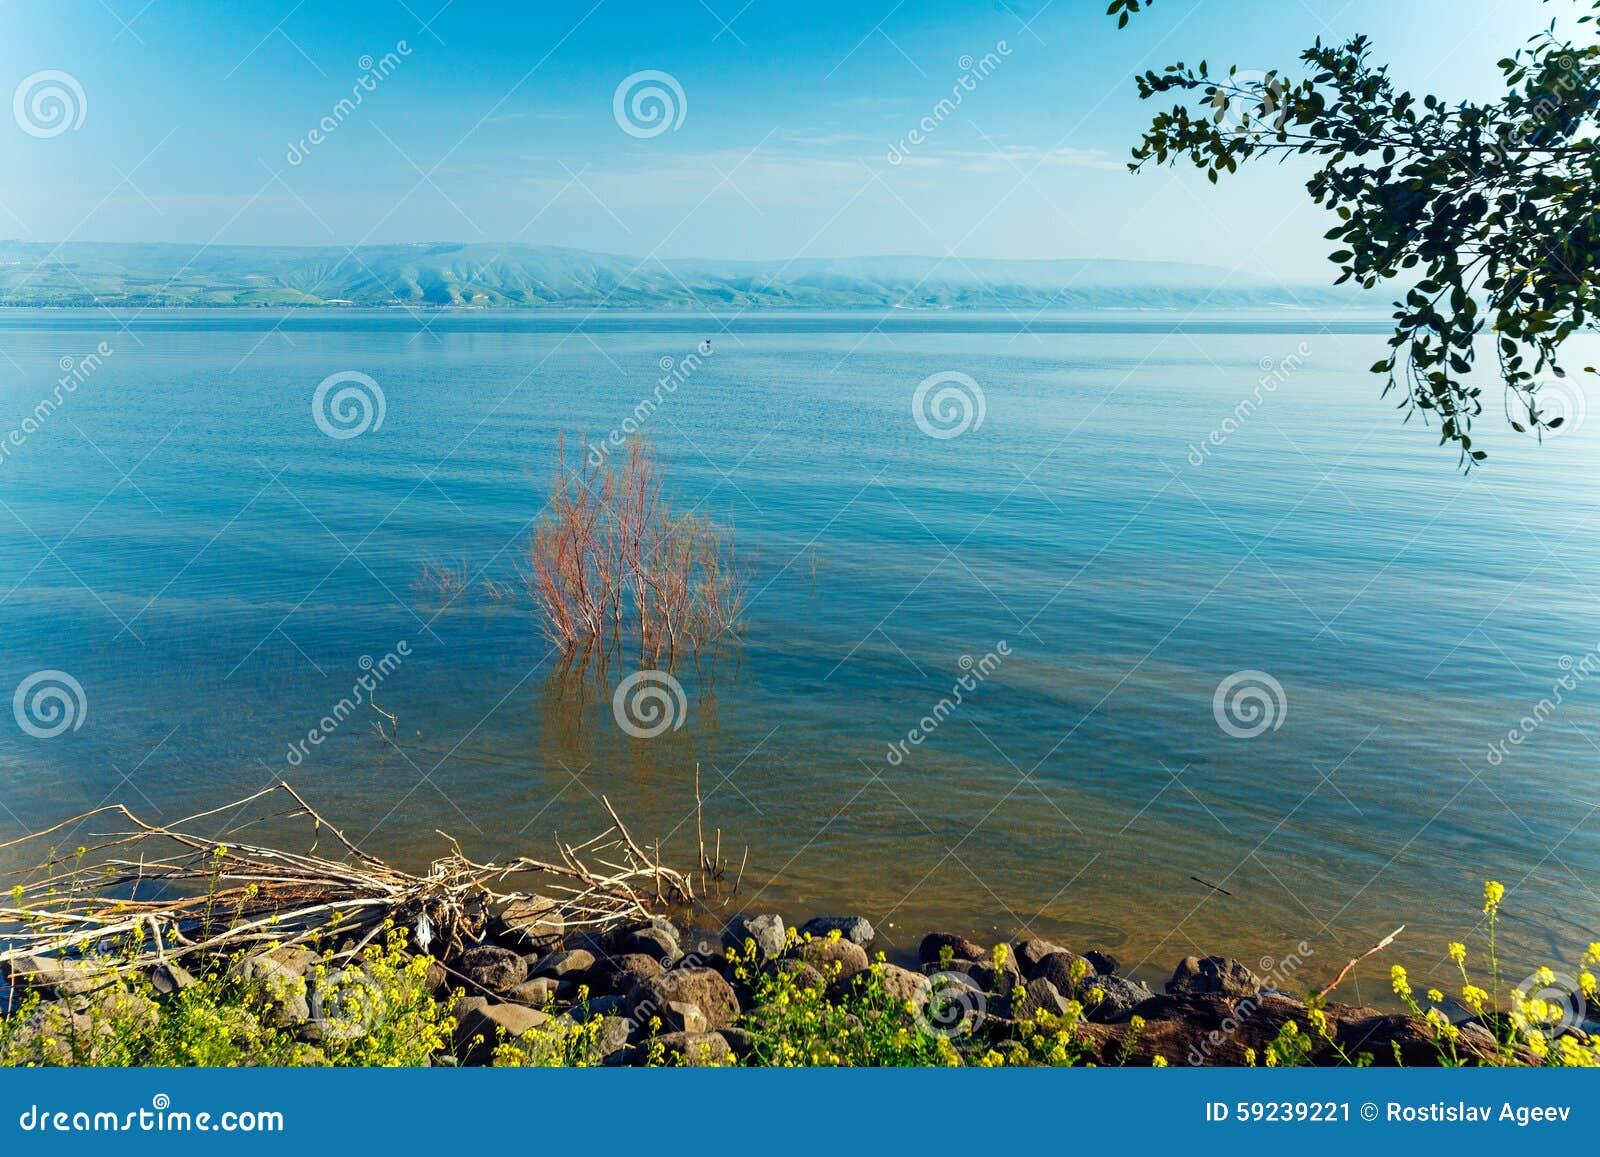 Paisaje del lago Kinneret - mar de Galilea